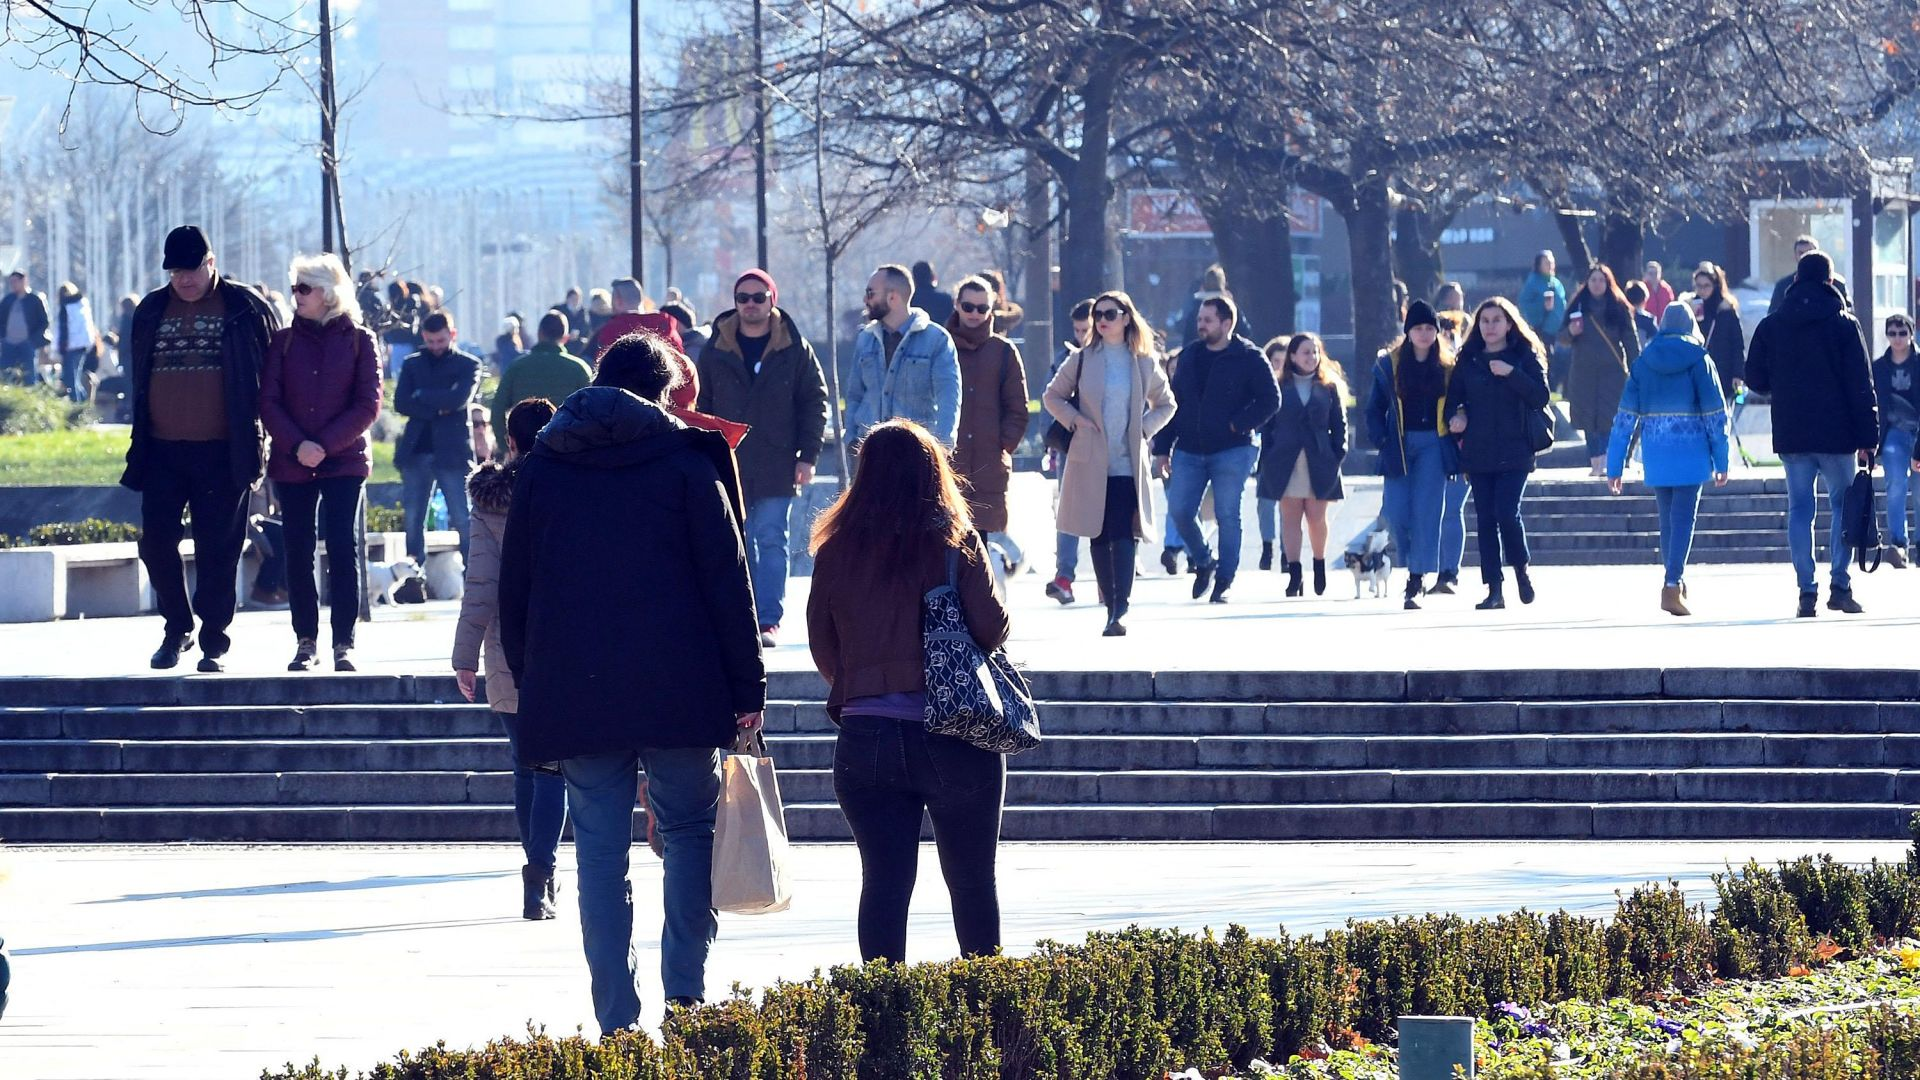 За 10 години населението в София се е увеличило с броя на жителите на един малък град